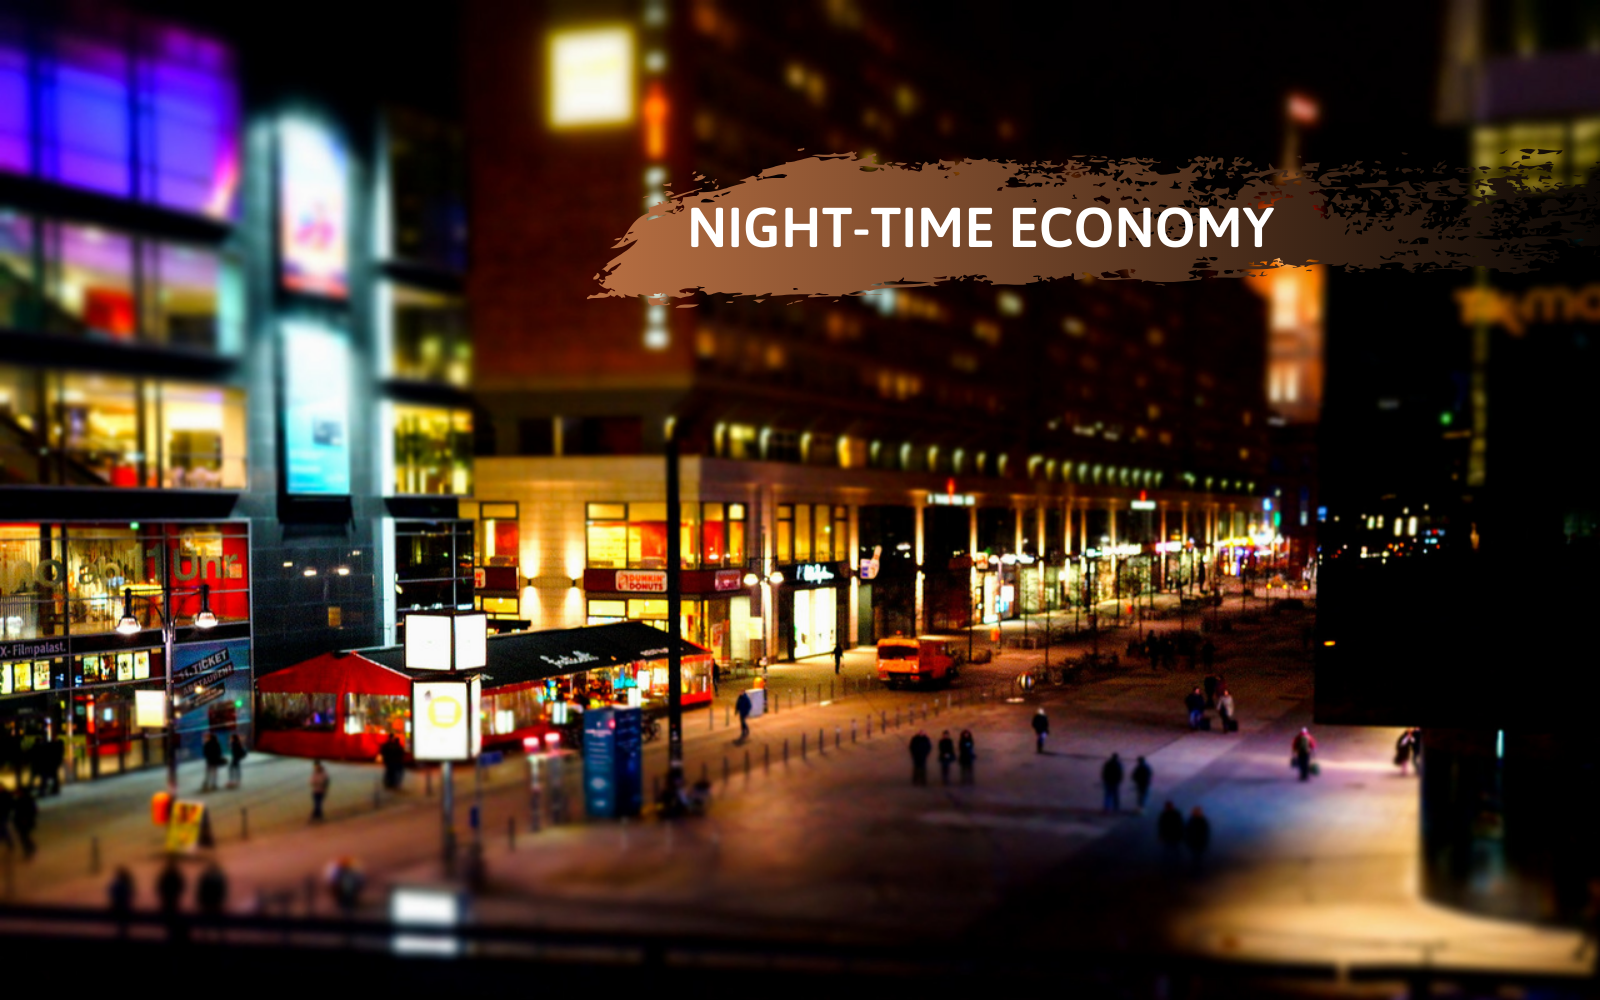 kinh tế đêm